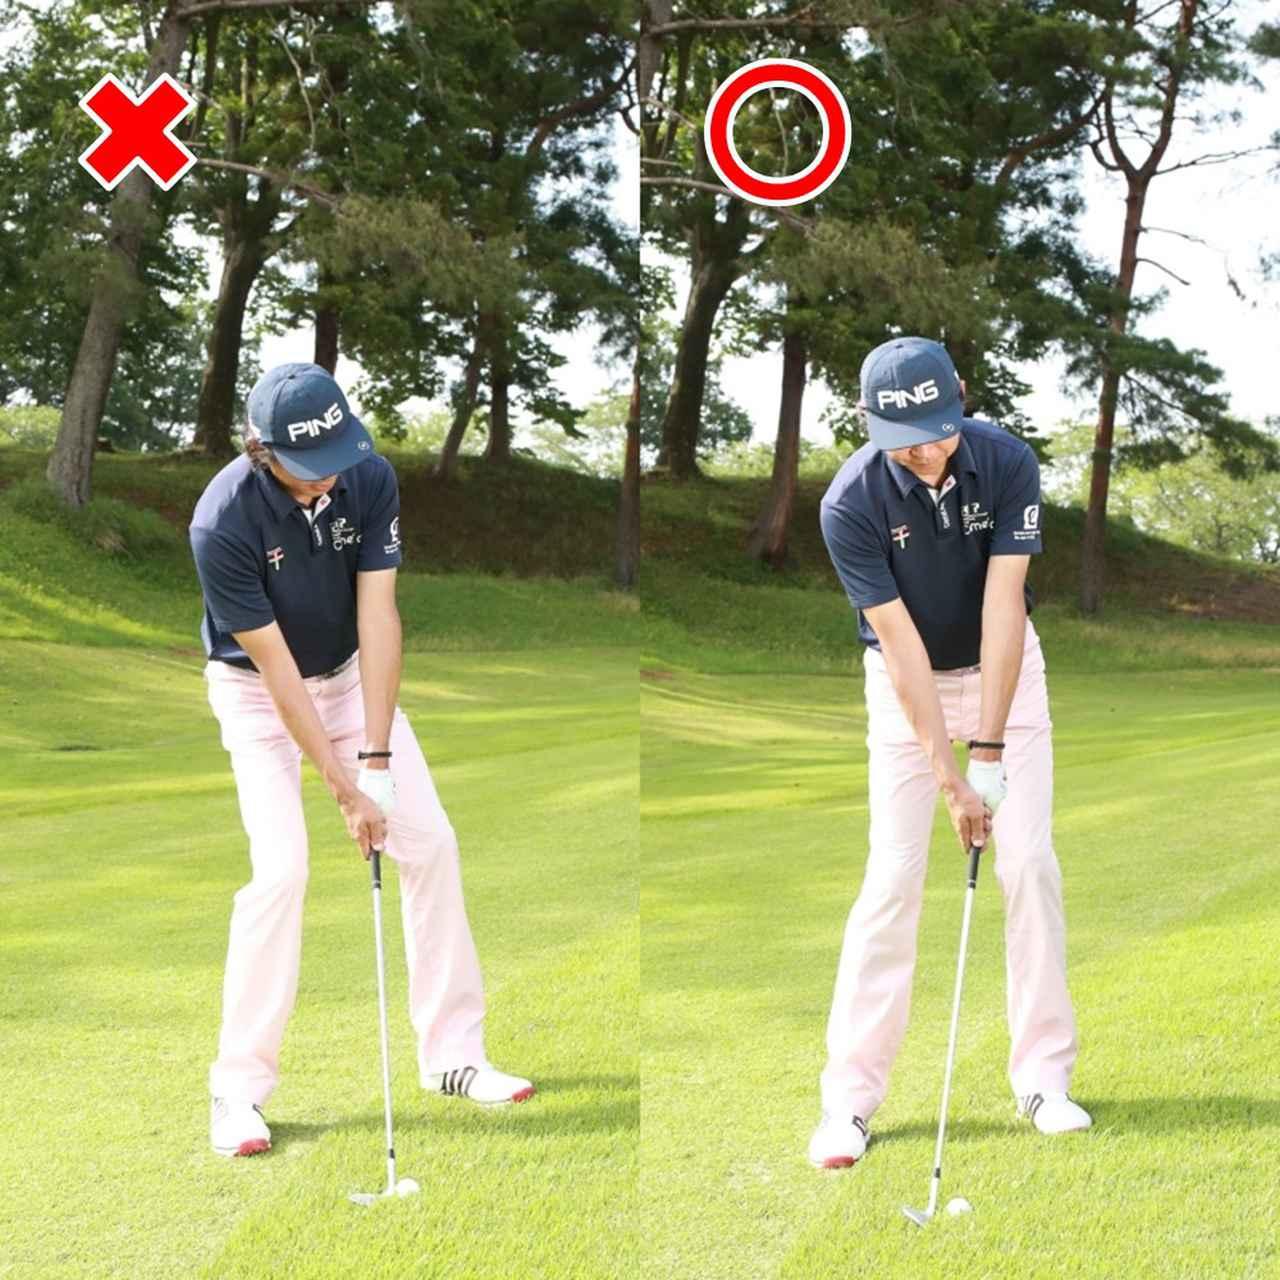 画像: バンカー越えであっても、左足上がりで35ヤードの距離を打つには極端にボールを上げるアドレスは必要ない(左)、左腕とクラブが一直線になったアドレスで球の高さはクラブのロフトに任せよう